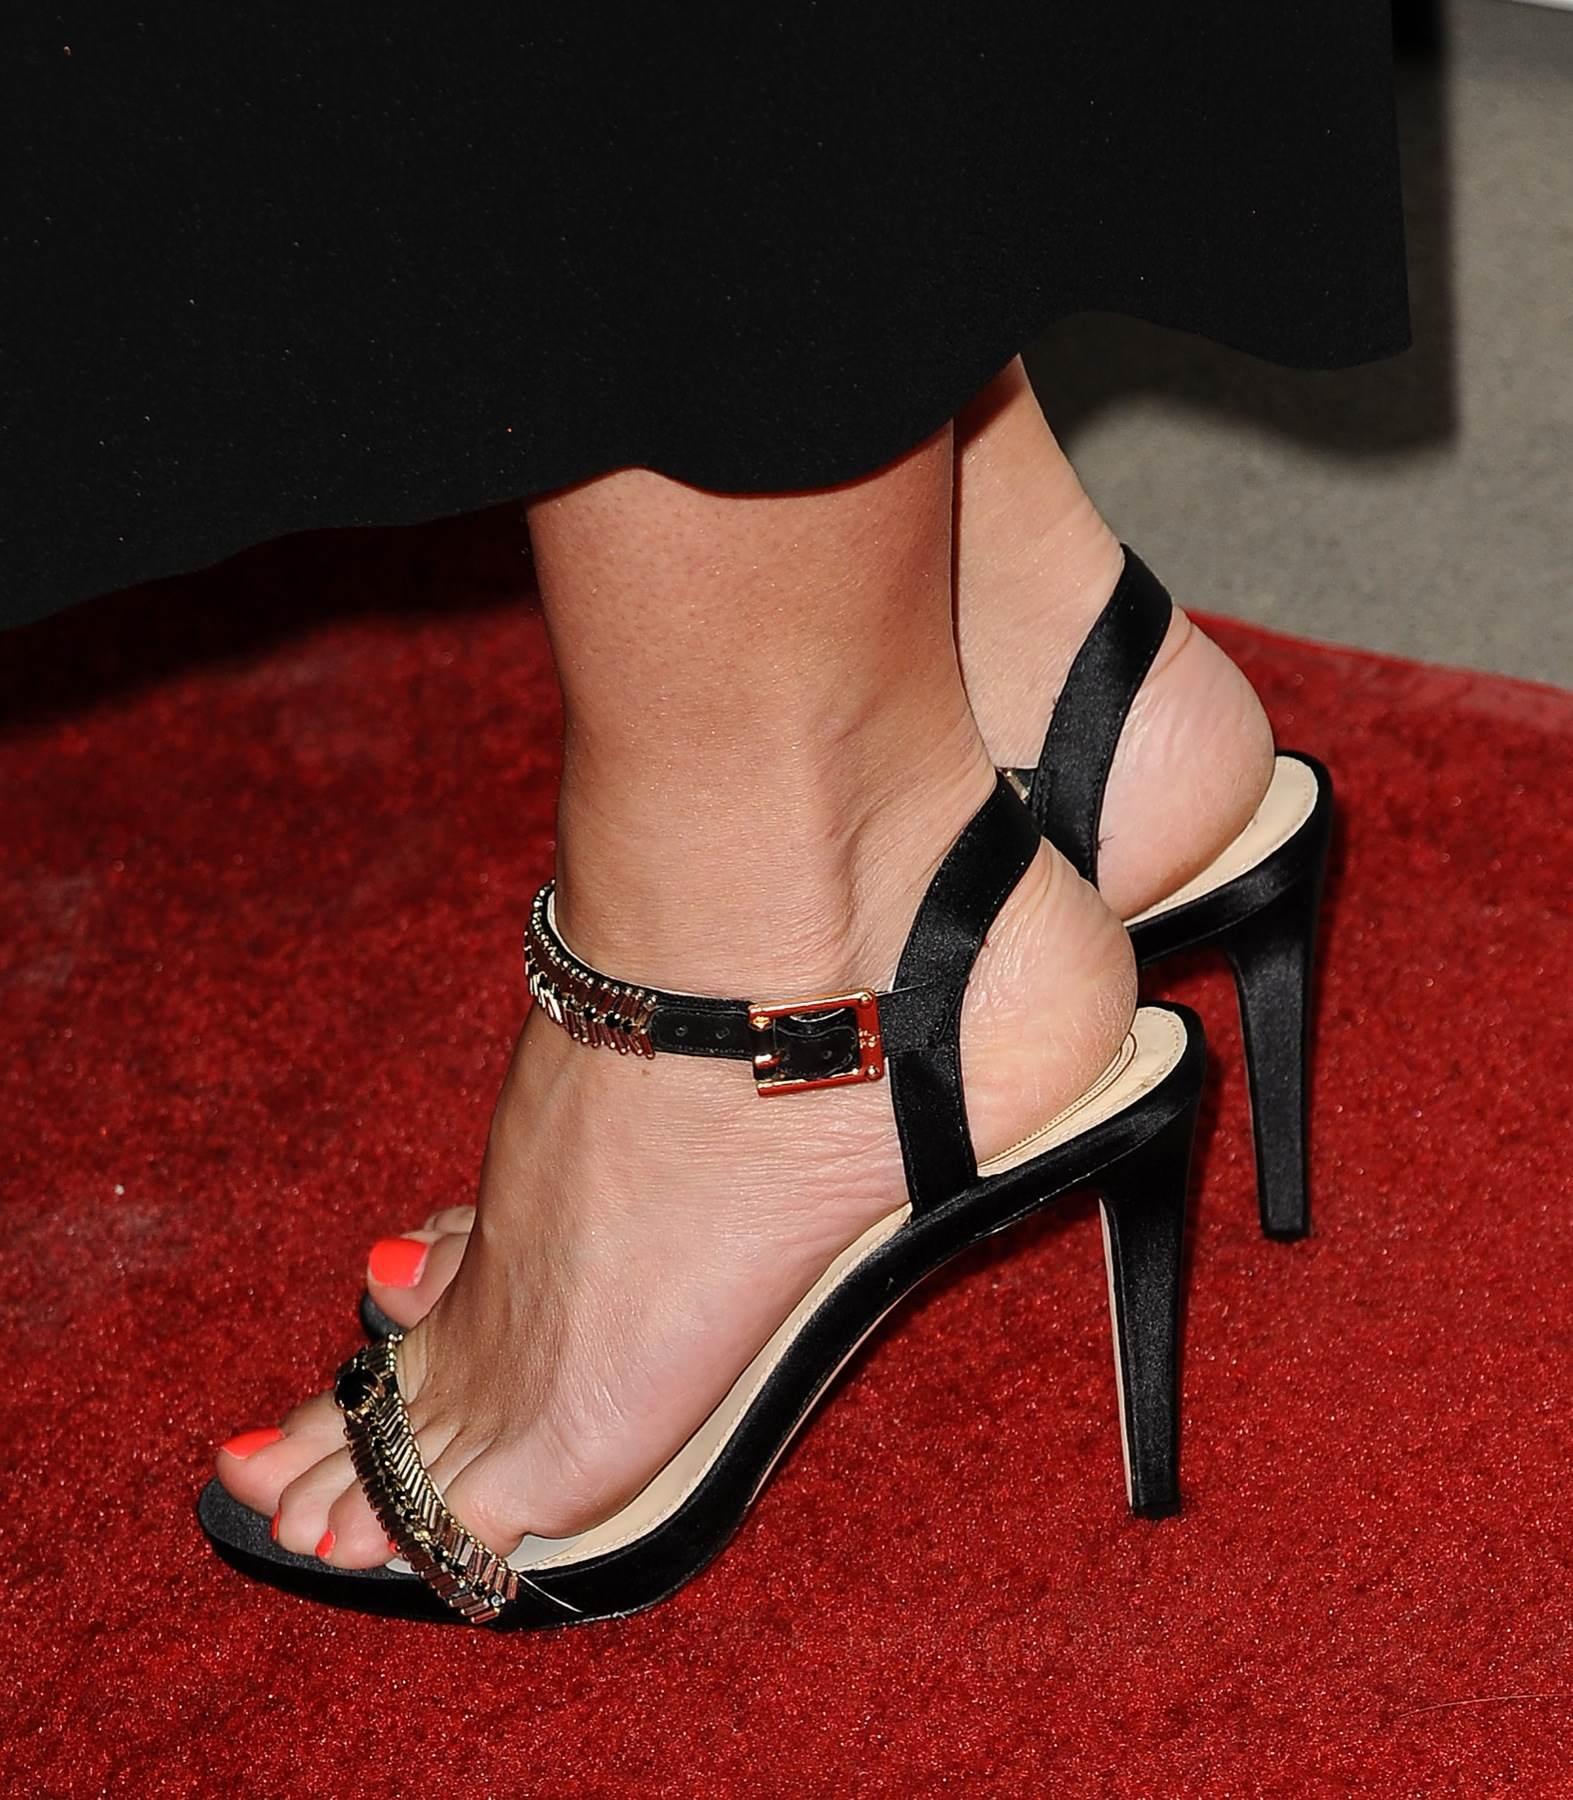 Shoe Soles For Heels